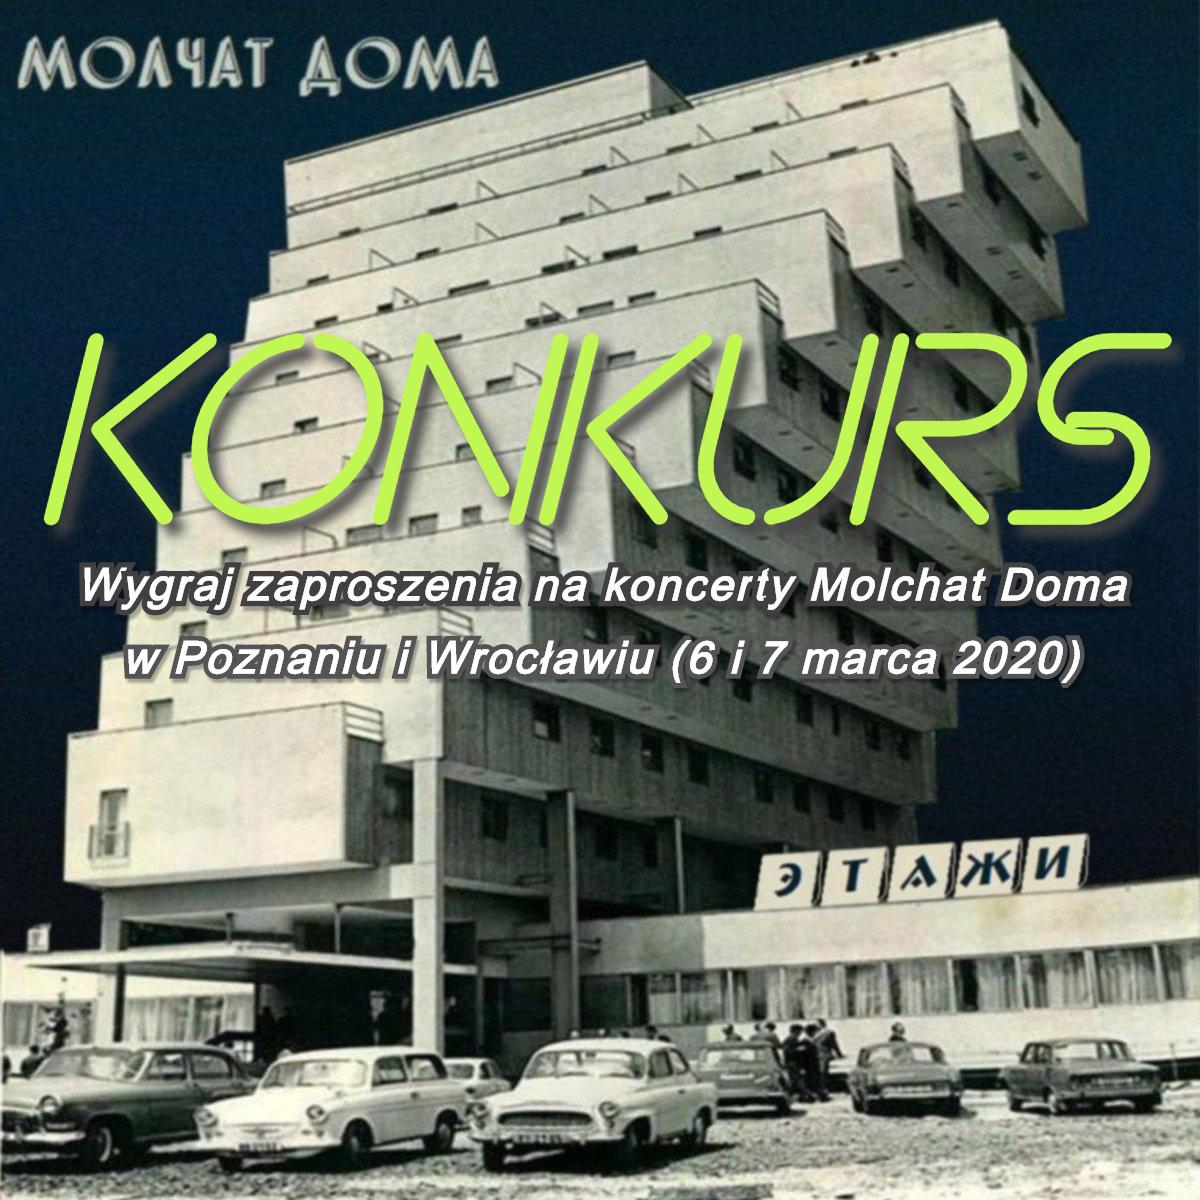 Molchat Doma - konkurs - wygraj zaproszenia na marcowe koncerty w Polsce